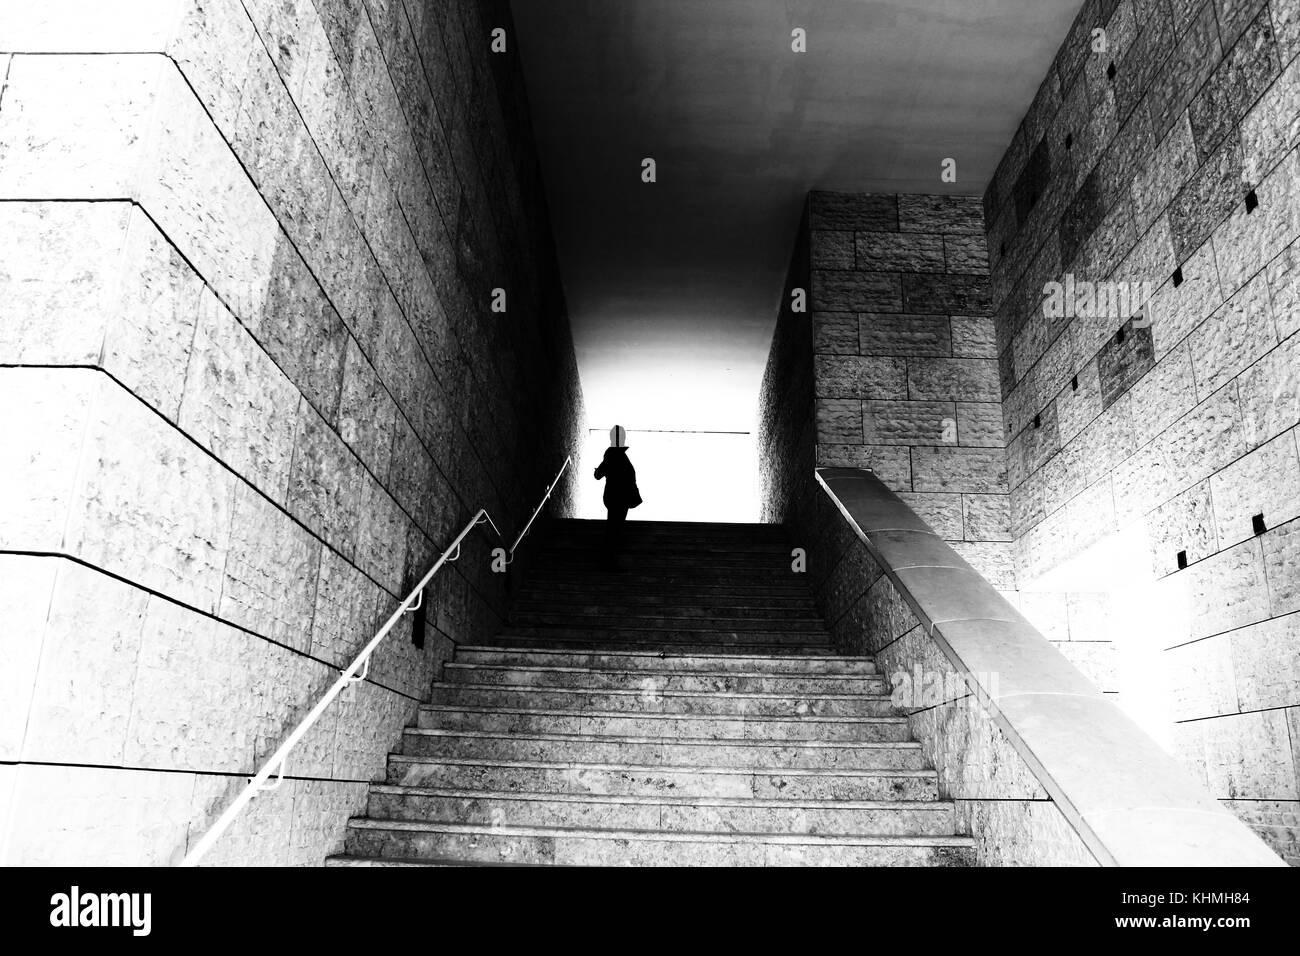 Silhouette am Ende der Treppe Stockbild